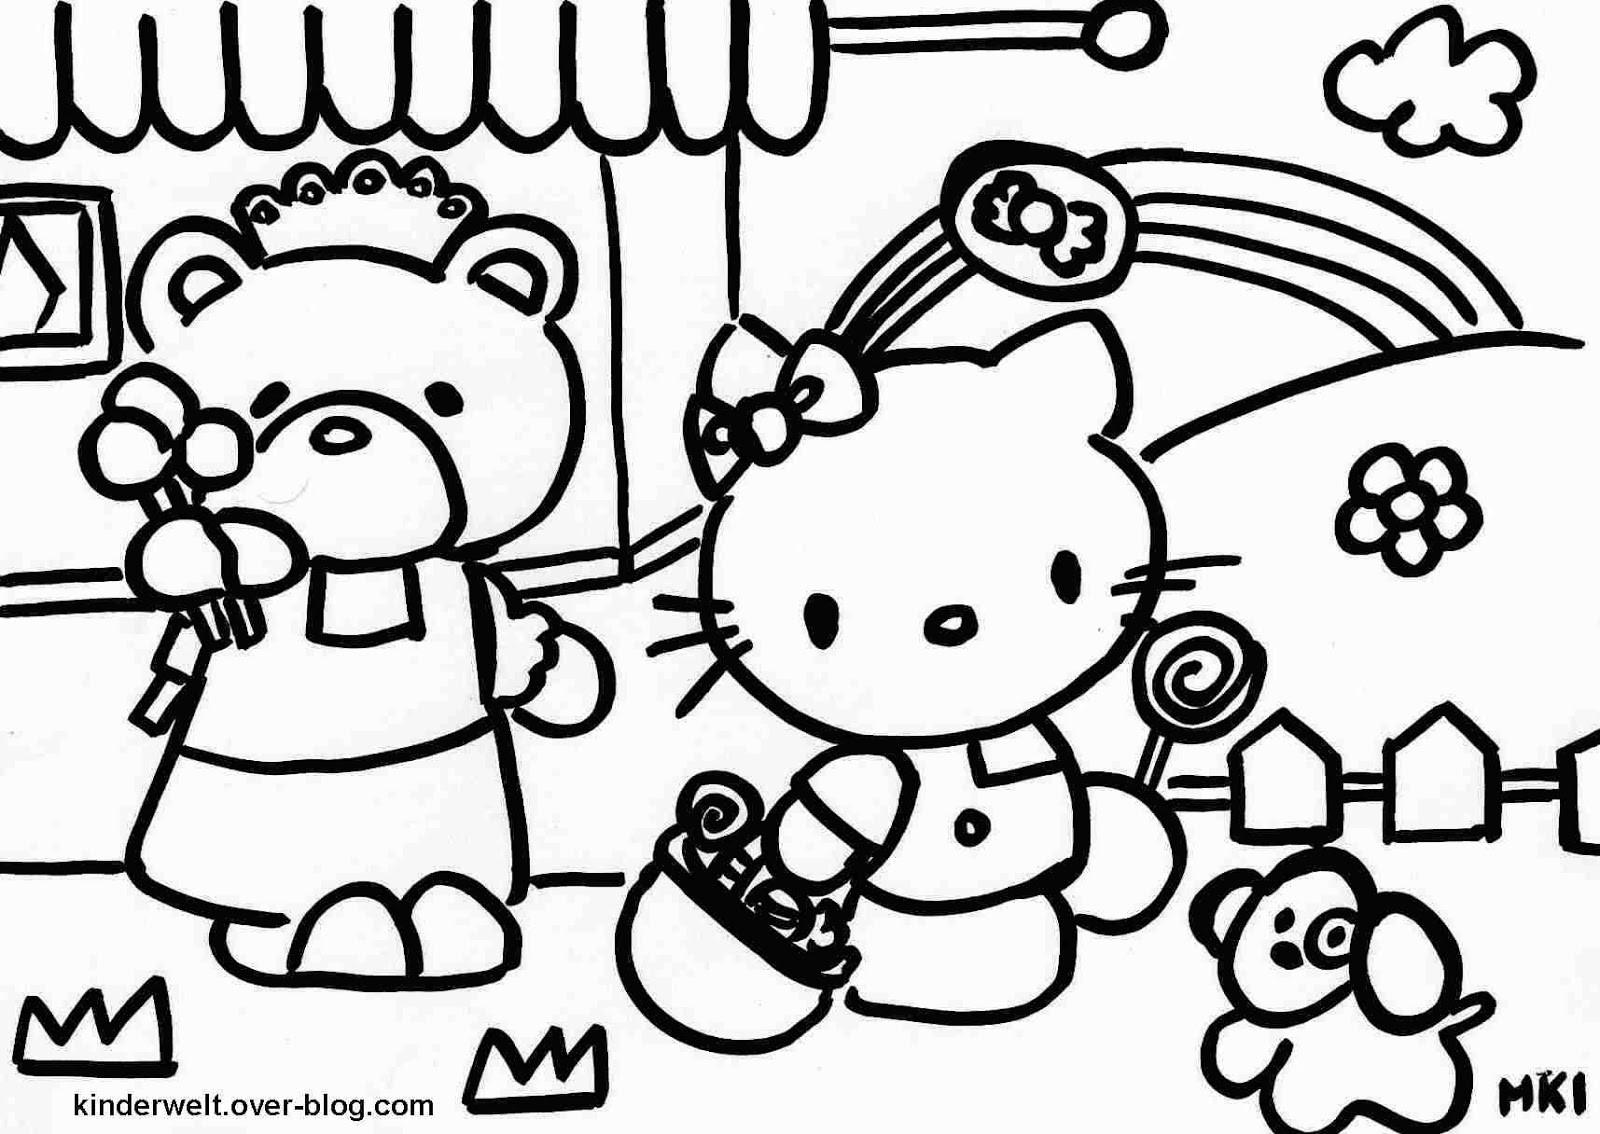 Malvorlagen Bilder  Ausmalbilder zum Ausdrucken Hello Kitty Ausmalbilder